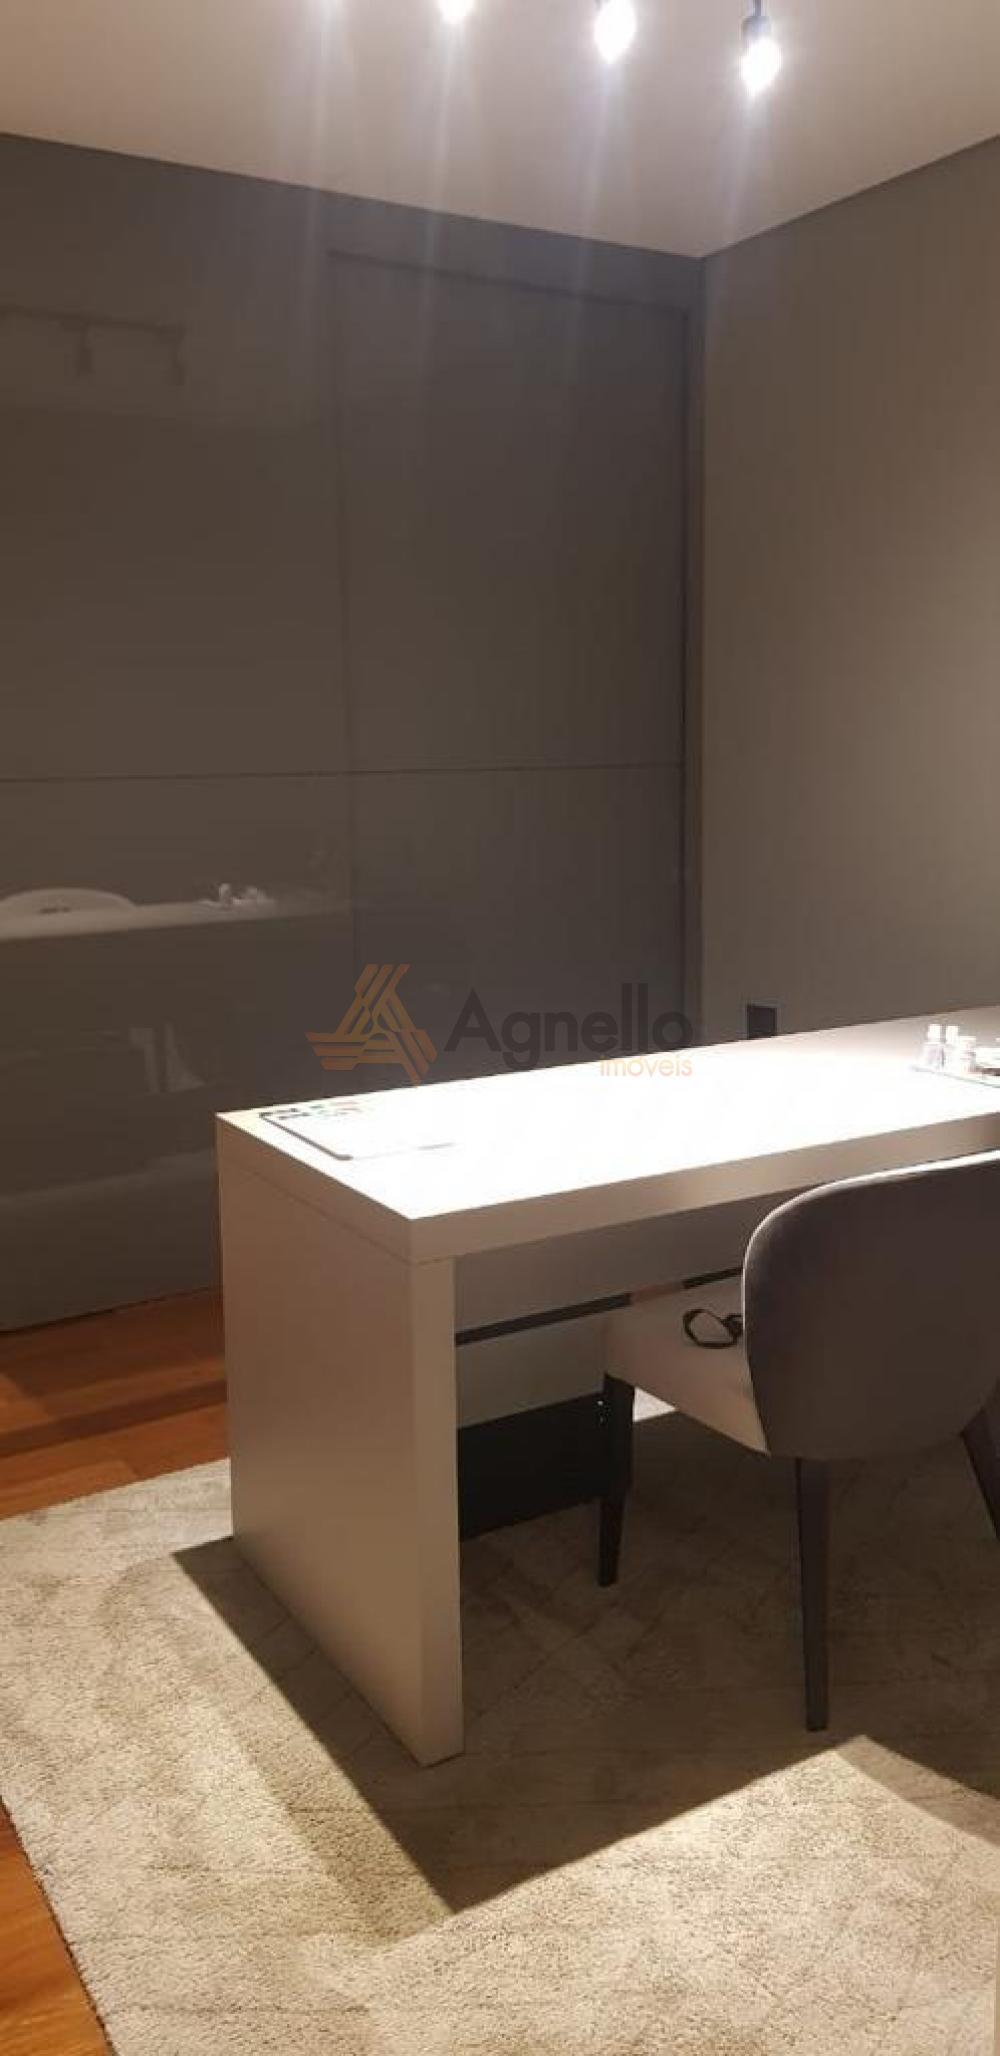 Comprar Apartamento / Padrão em Franca R$ 1.300.000,00 - Foto 12